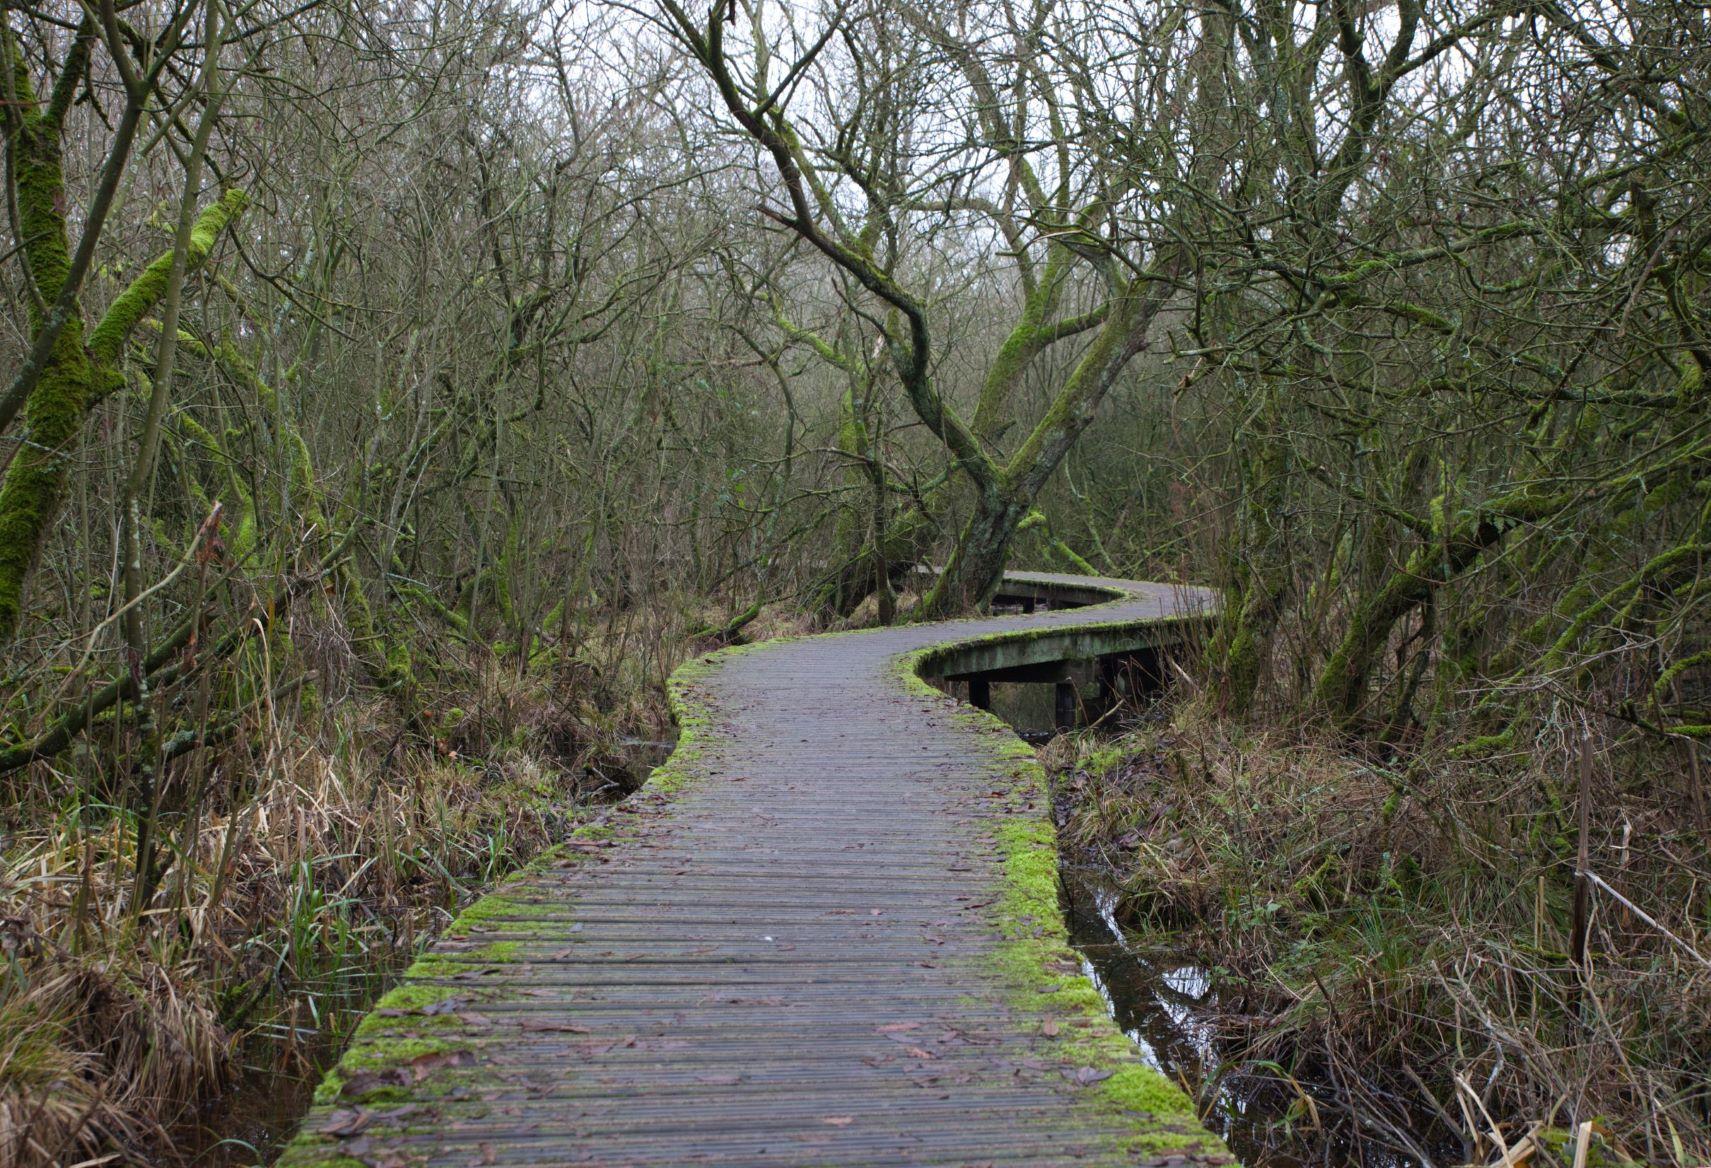 Moerputten natuurgebied, Netherlands